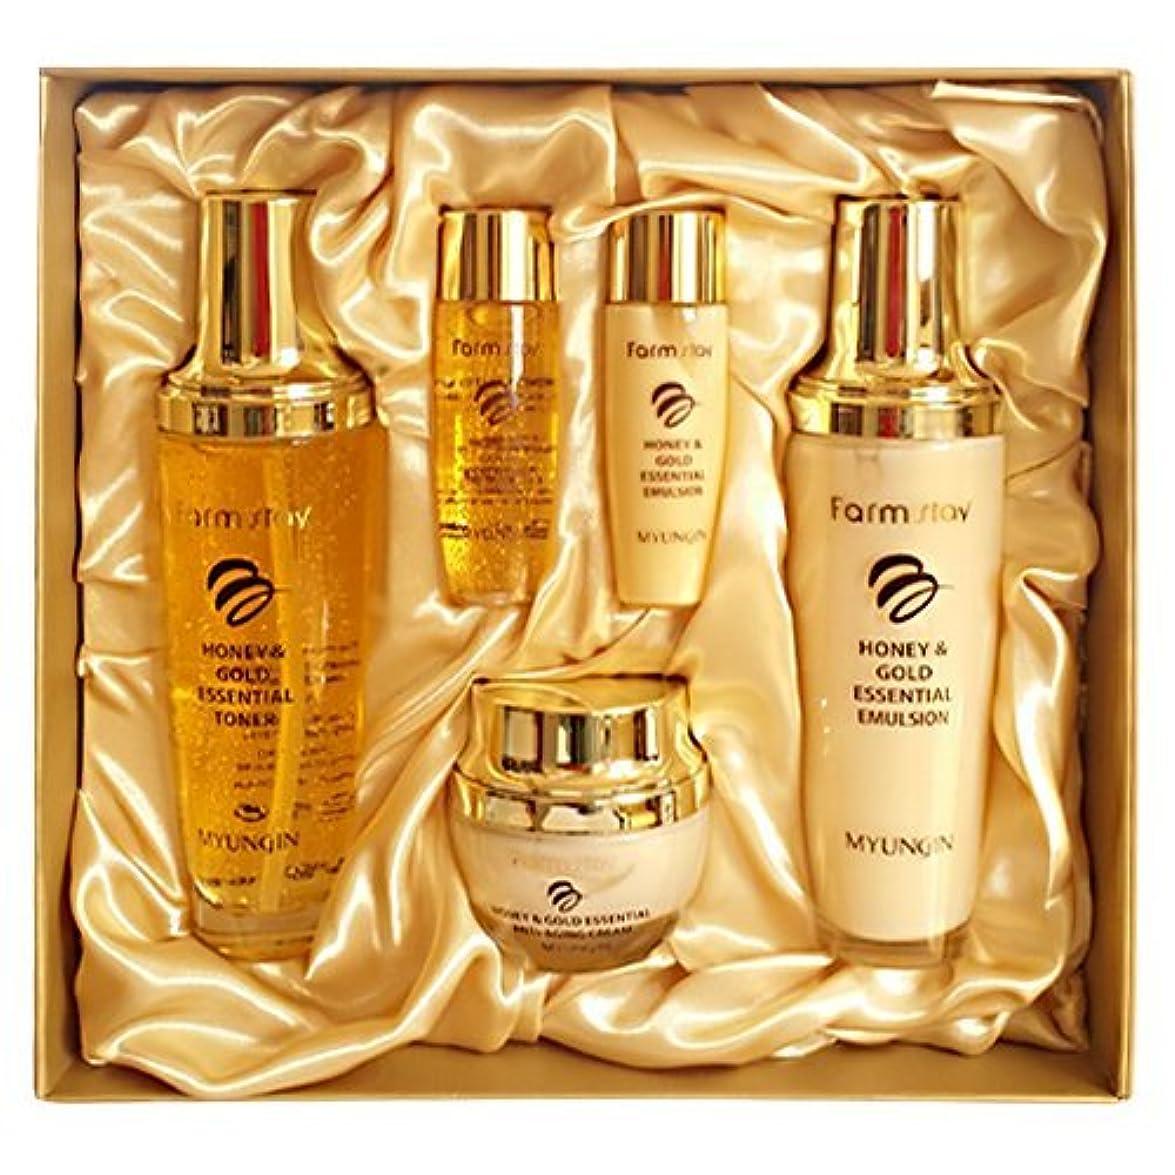 イースタードロップいっぱいファームステイ[韓国コスメFarm Stay]Honey & Gold Essential Skin Care 3set ハニーゴールドエッセンシャルスキンケア3セット [並行輸入品]